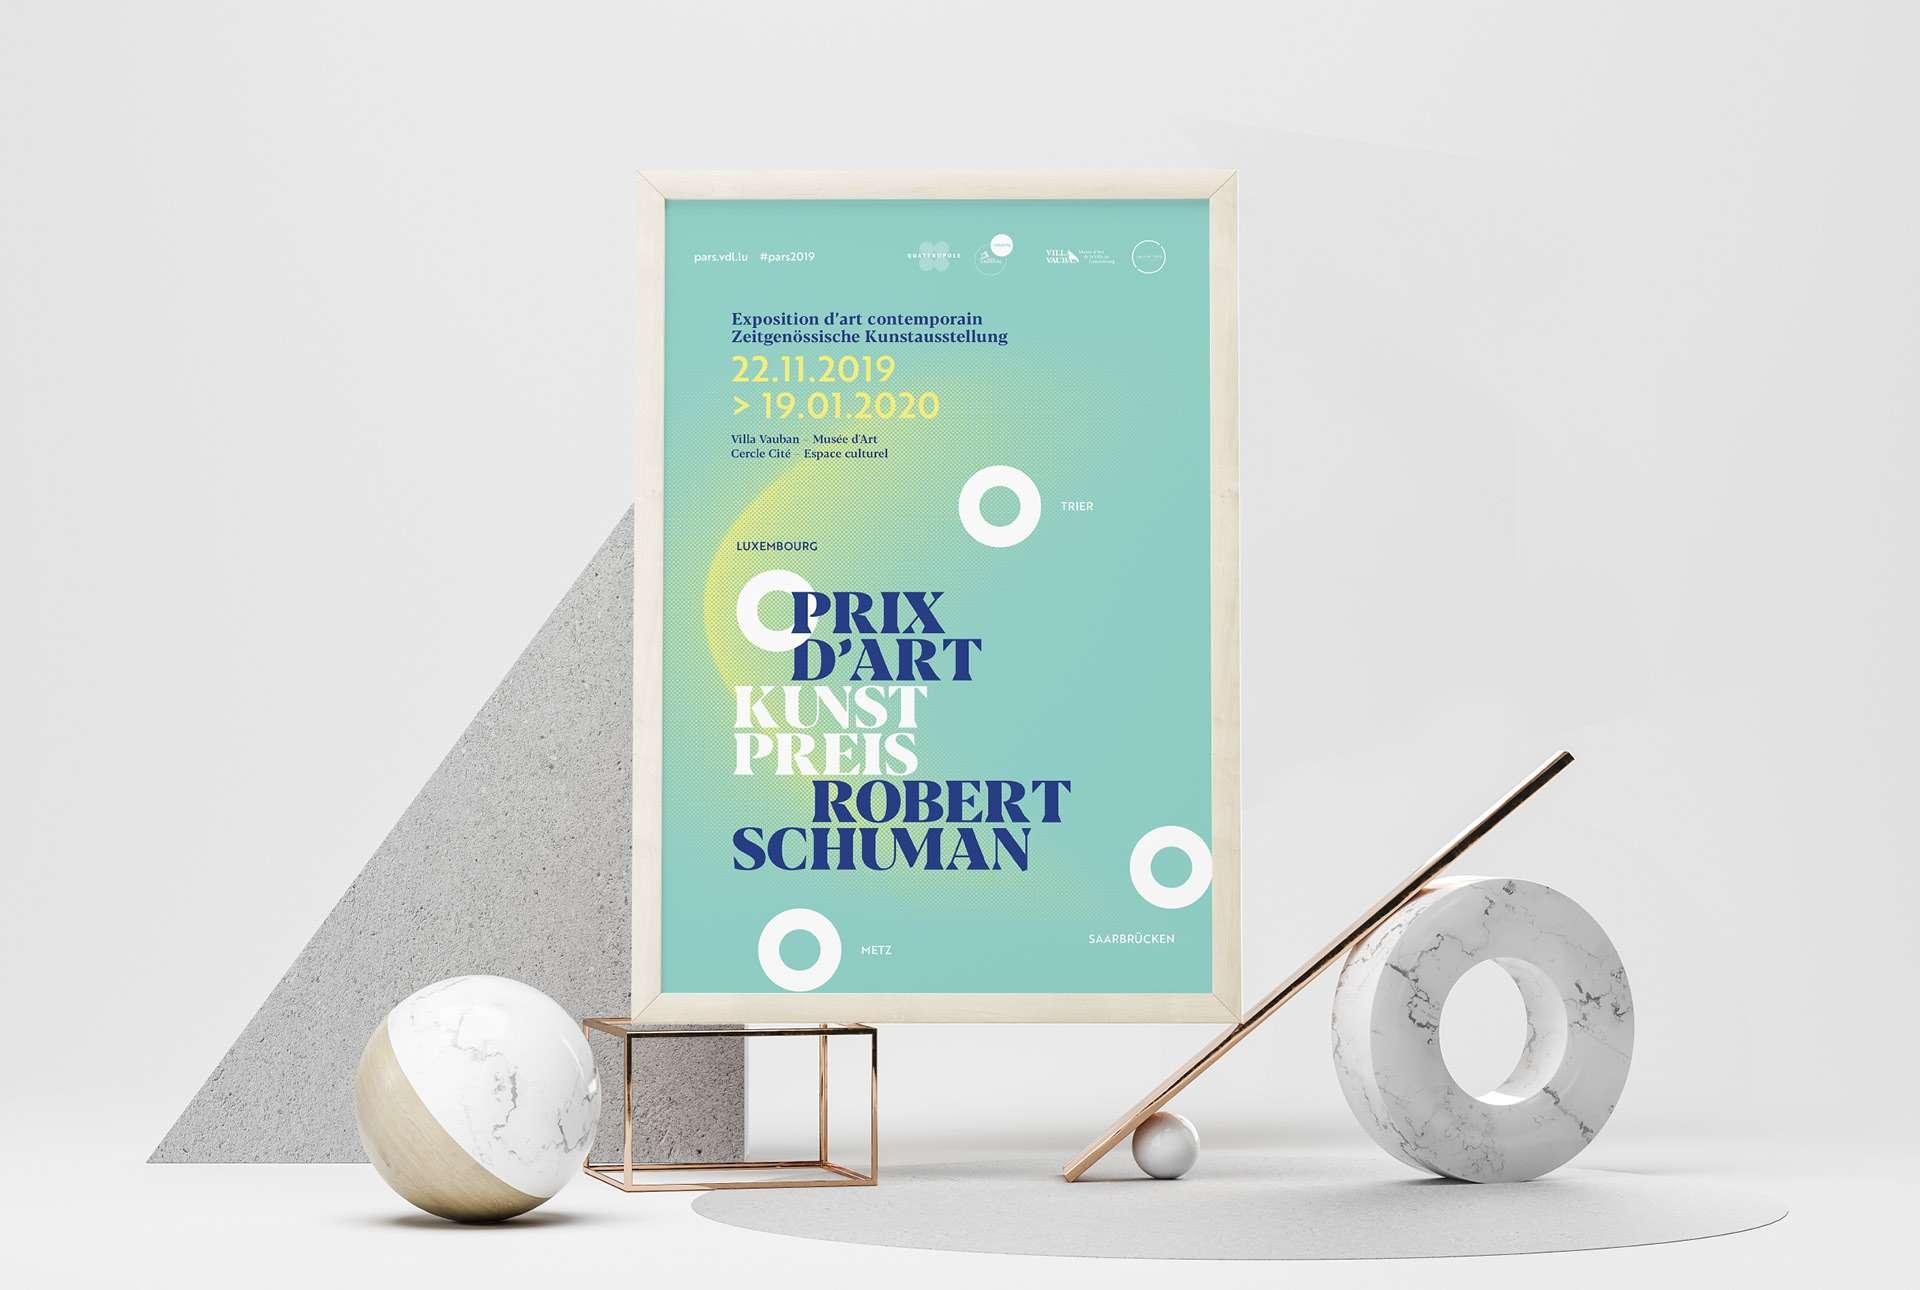 Affiche de l'exposition et du prix. mise en avant du QuattroPole